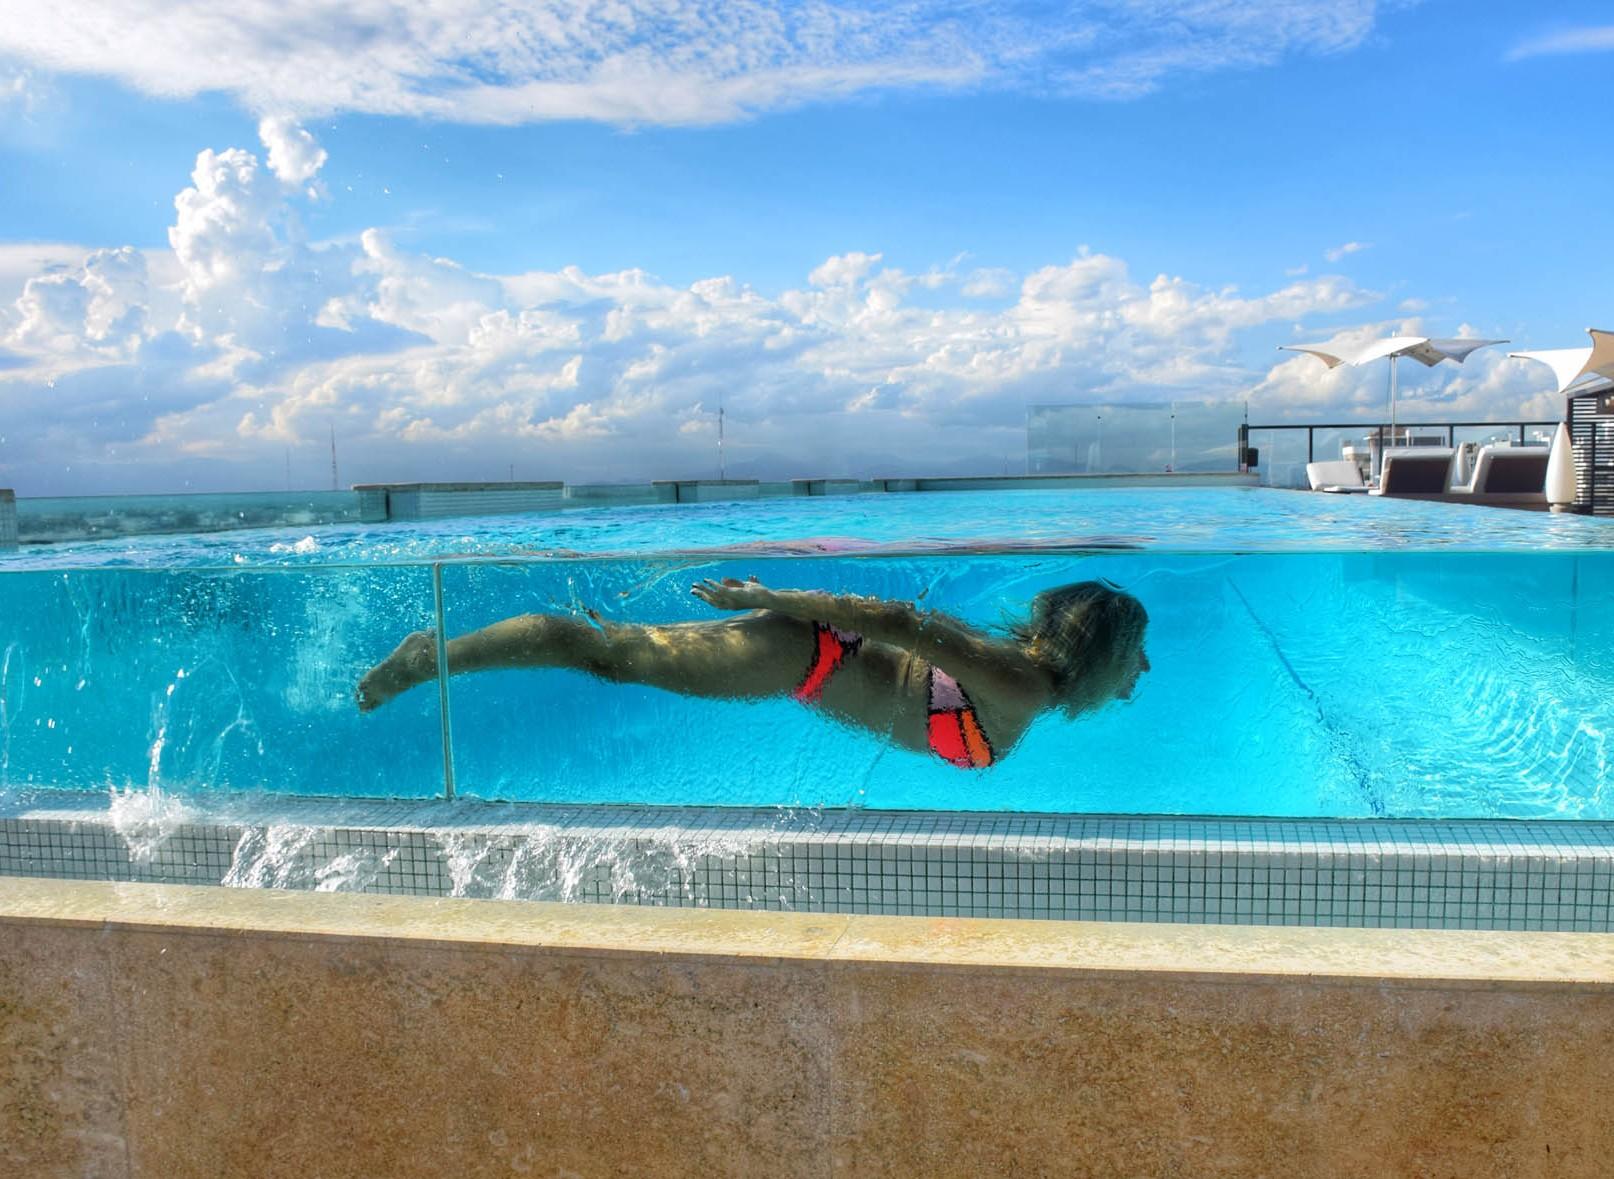 SANTO DOMINGO HOTEL JW MARRIOTT REPUBLICA DOMINICANA ONDE FICAR DICAS VIAGEM